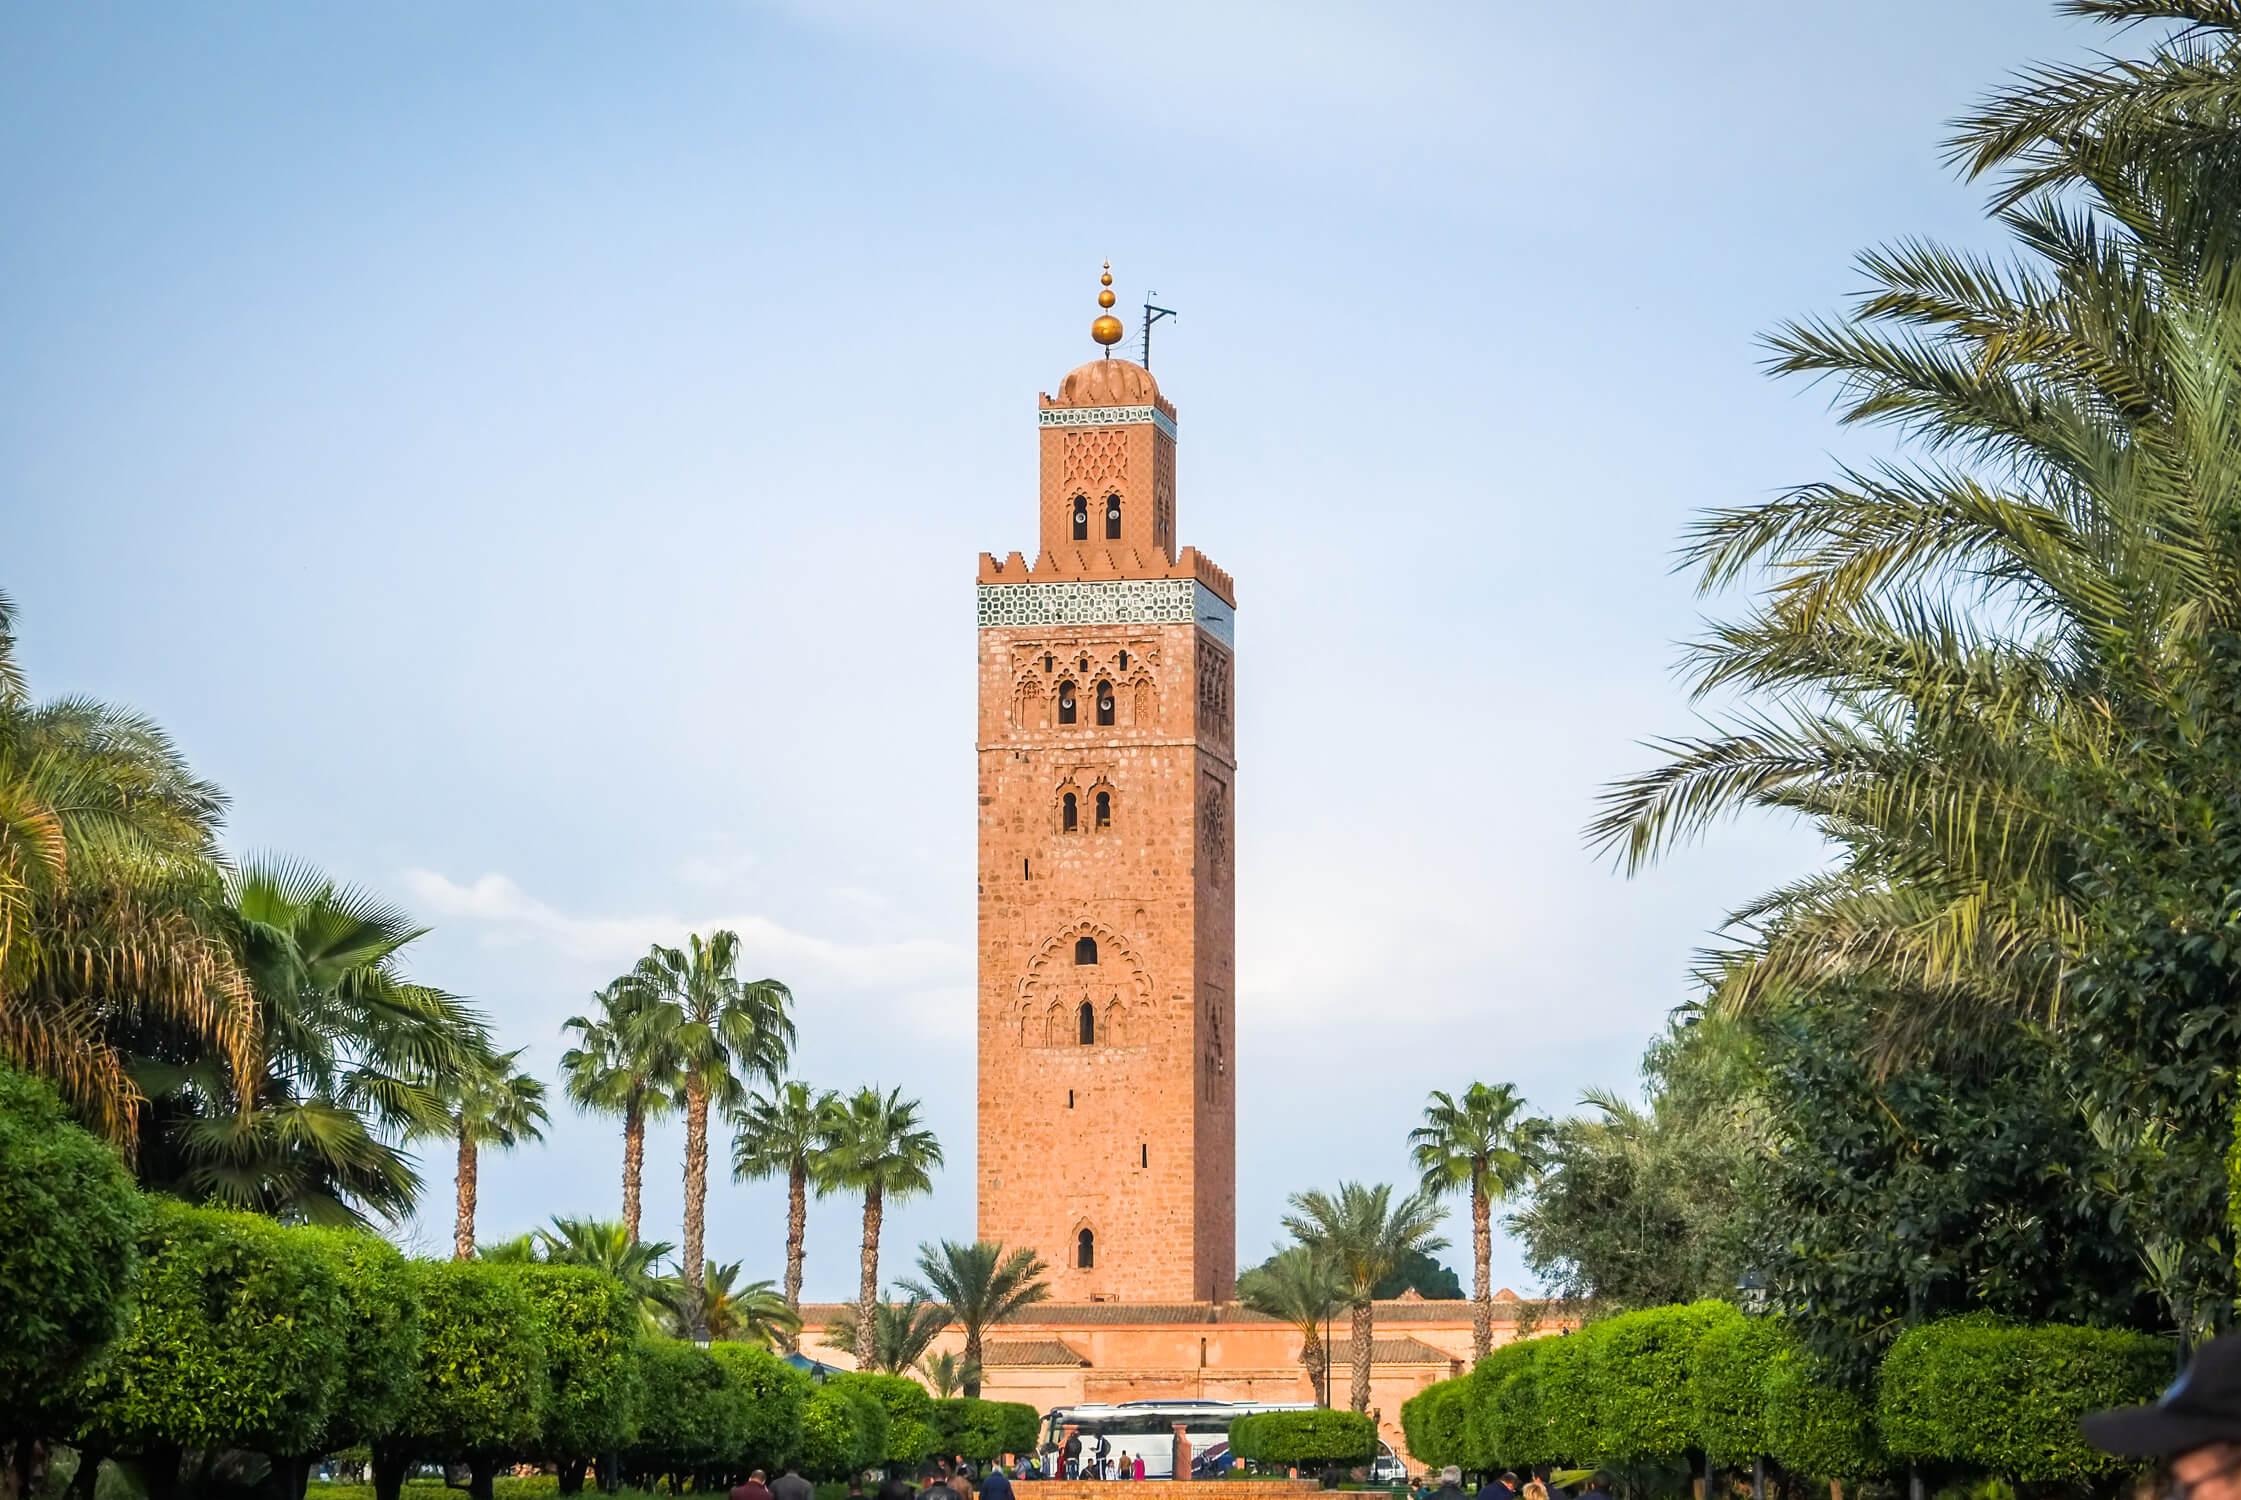 Discover Marrakech, Ouarzazate, Merzouga desert and Essaouira